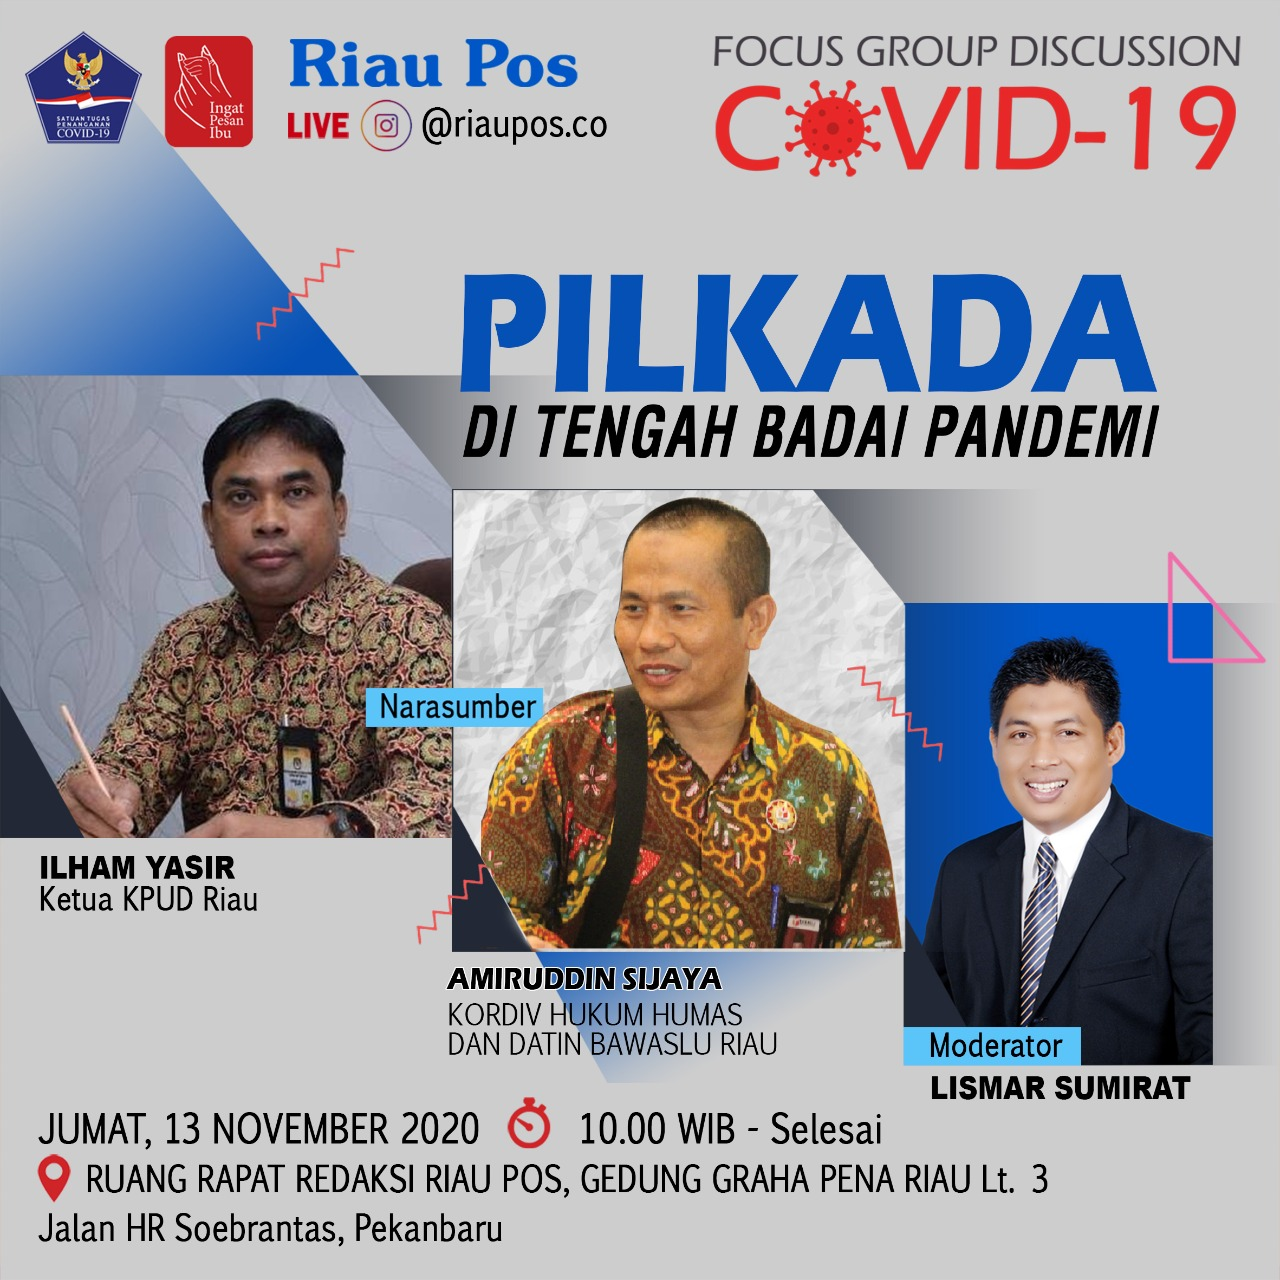 Riau Pos Gelar FGD Pilkada di Tengah Pandemi